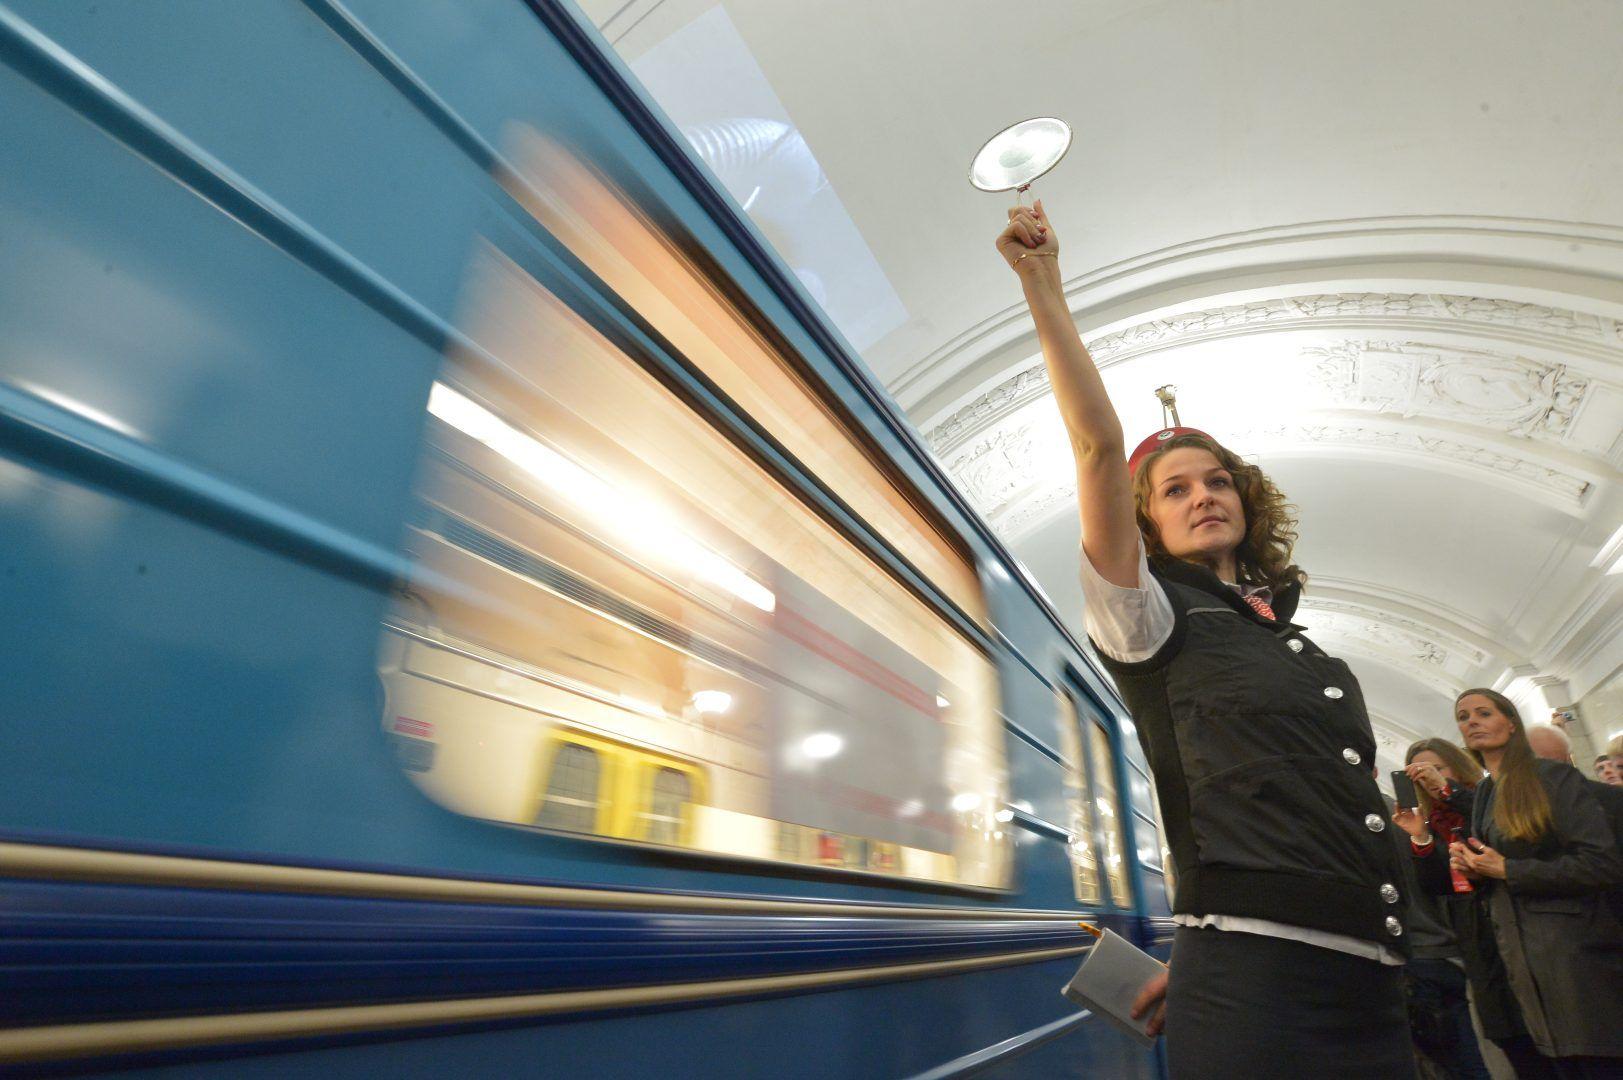 Запуск новых станций красной ветки метро разгрузит Калужское шоссе на 7%. фото: архив